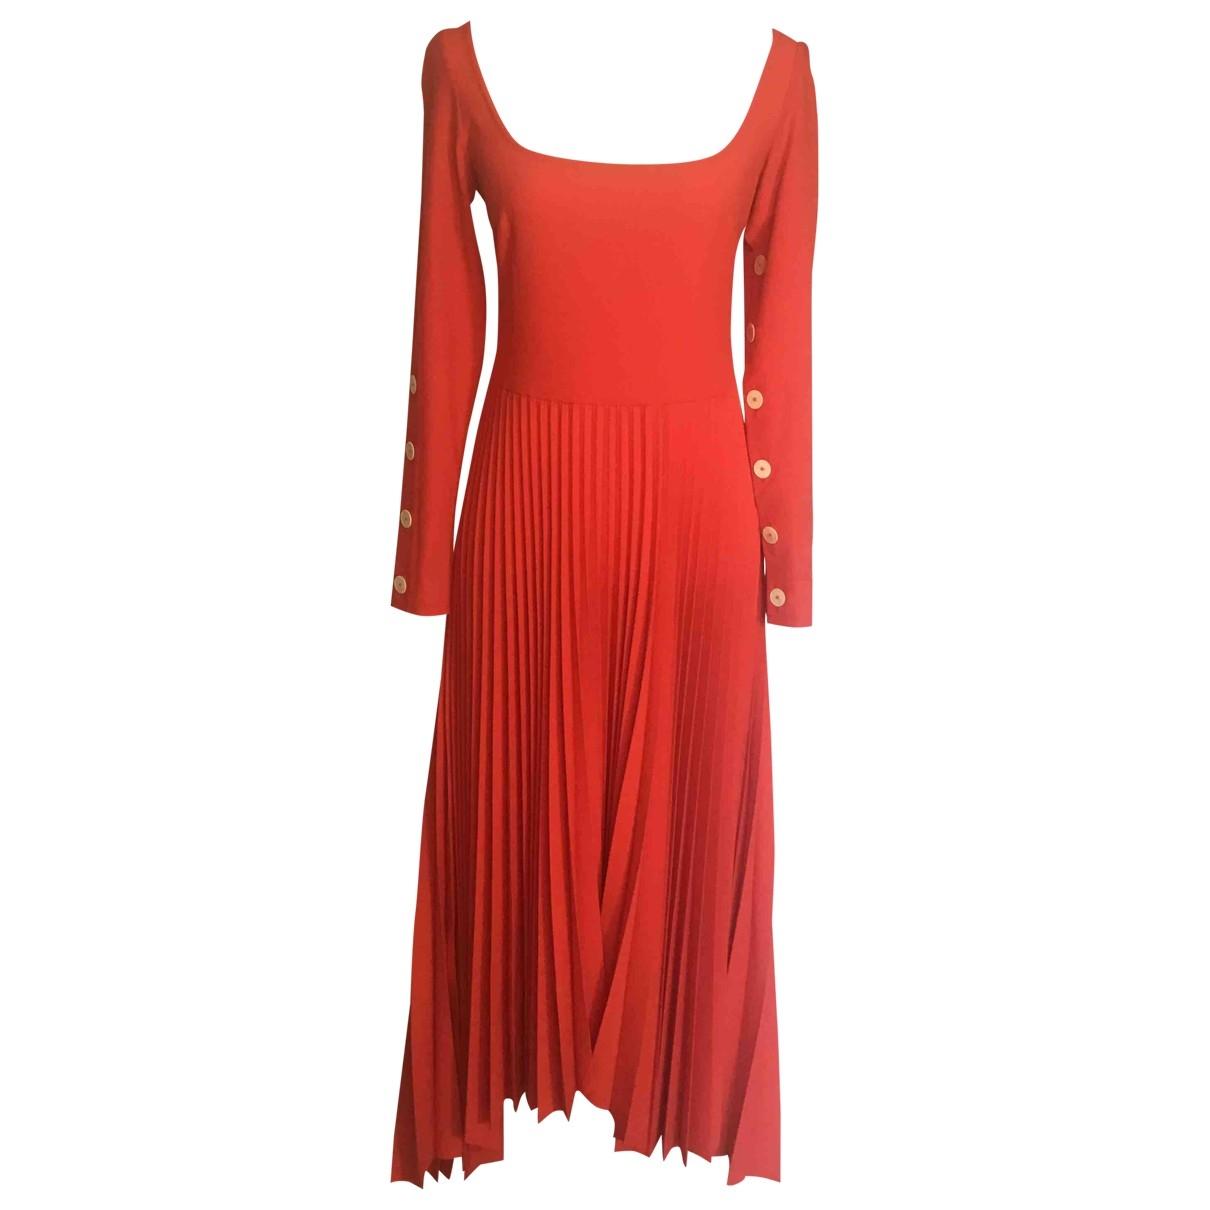 A.w.a.k.e. - Robe   pour femme - rouge